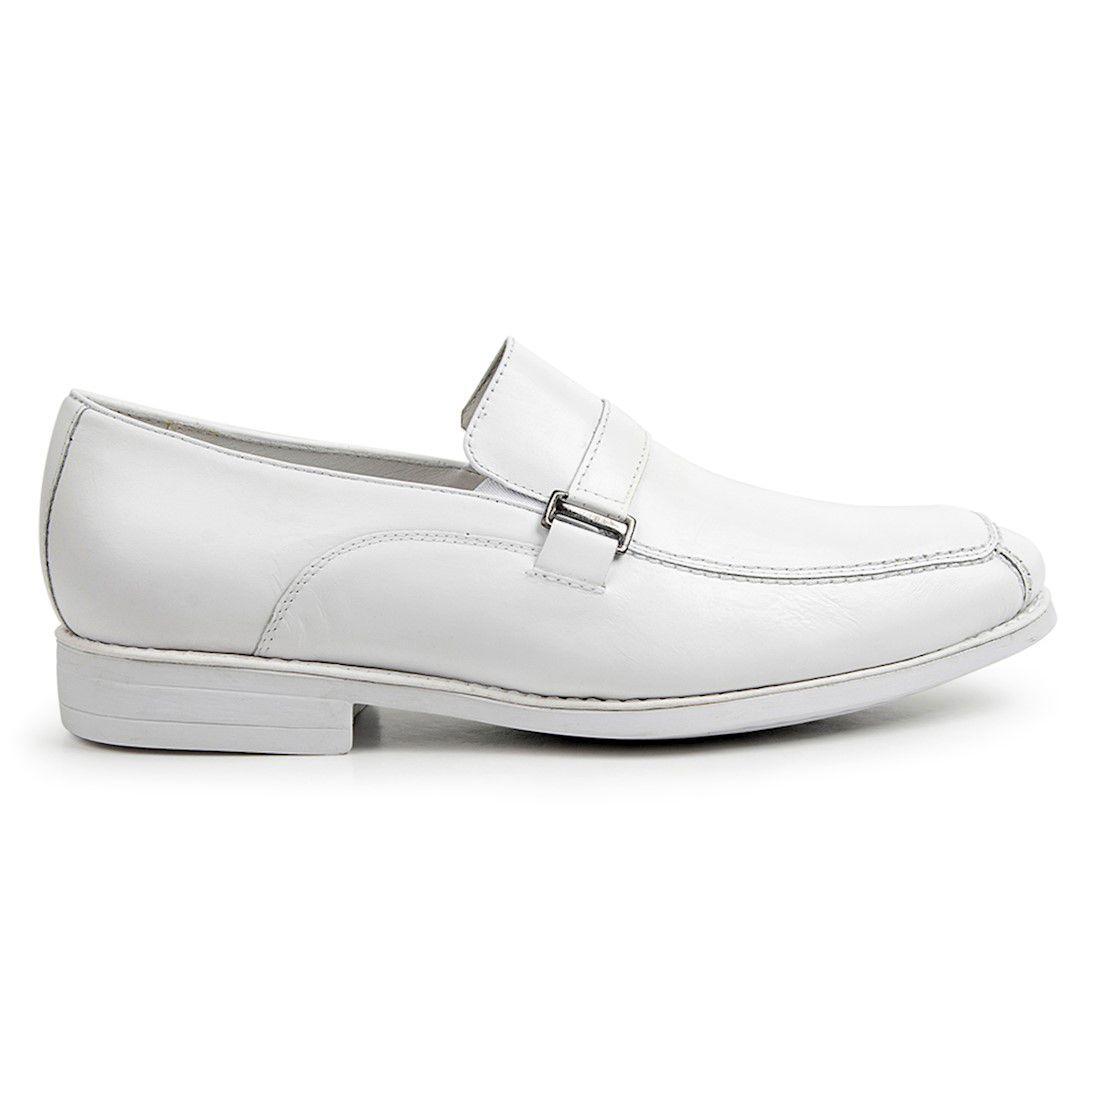 598649c253 Sapato masculino sandro moscoloni doctor comfort branco 46037 white R   299